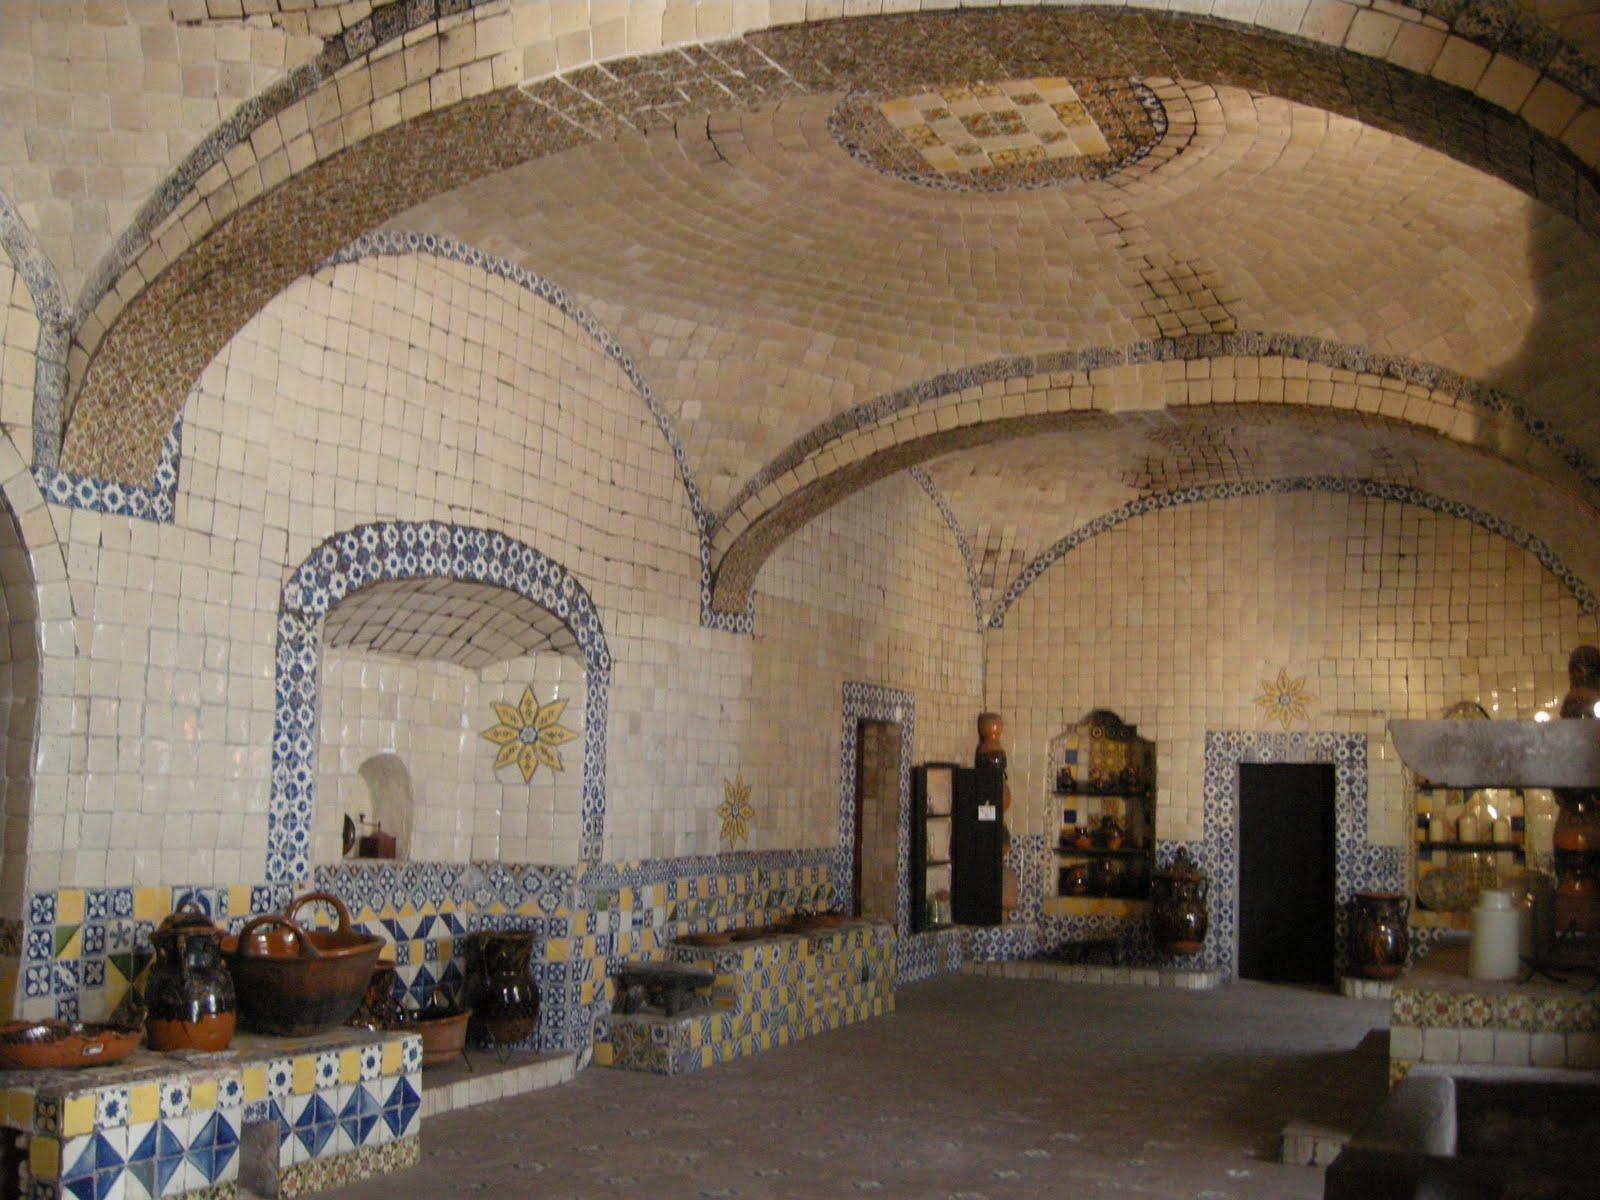 El Museo de Arte Popular cuenta con la cocina donde nació el mole poblano